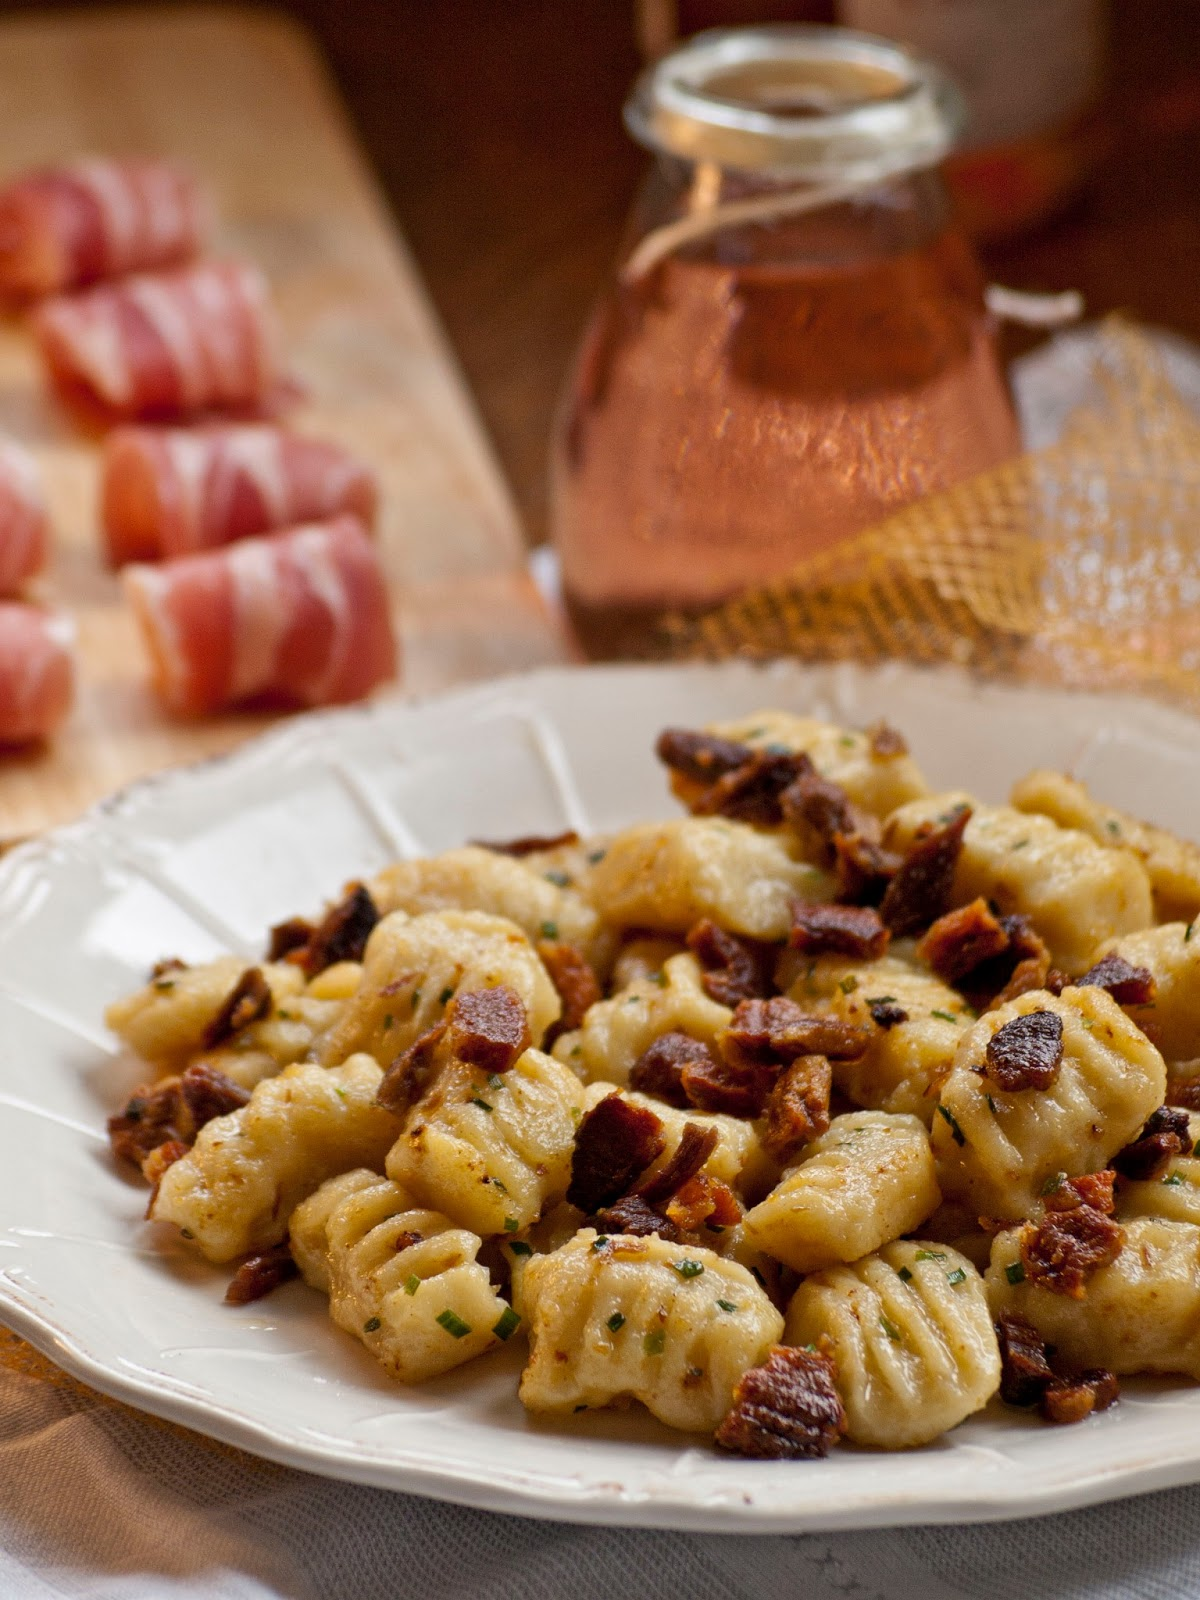 gnocchis maison au bacon grill blogs de cuisine. Black Bedroom Furniture Sets. Home Design Ideas